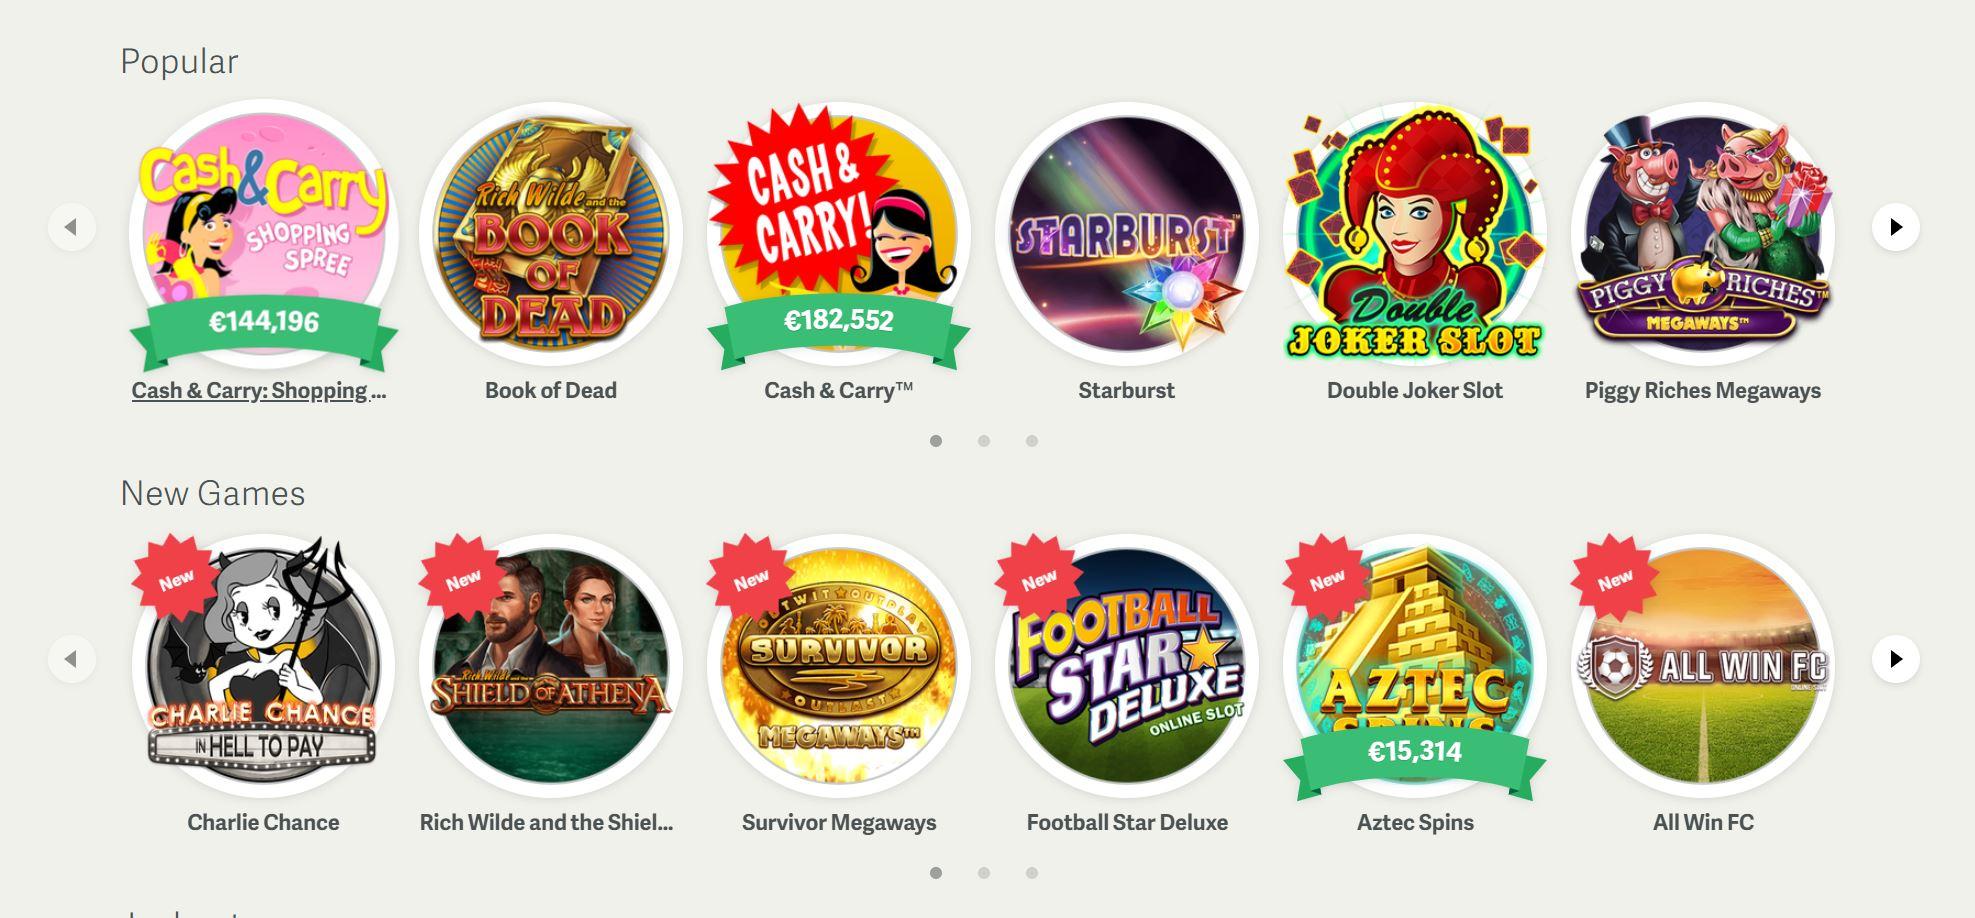 Existe gran variedad de juegos en el portal de paf.